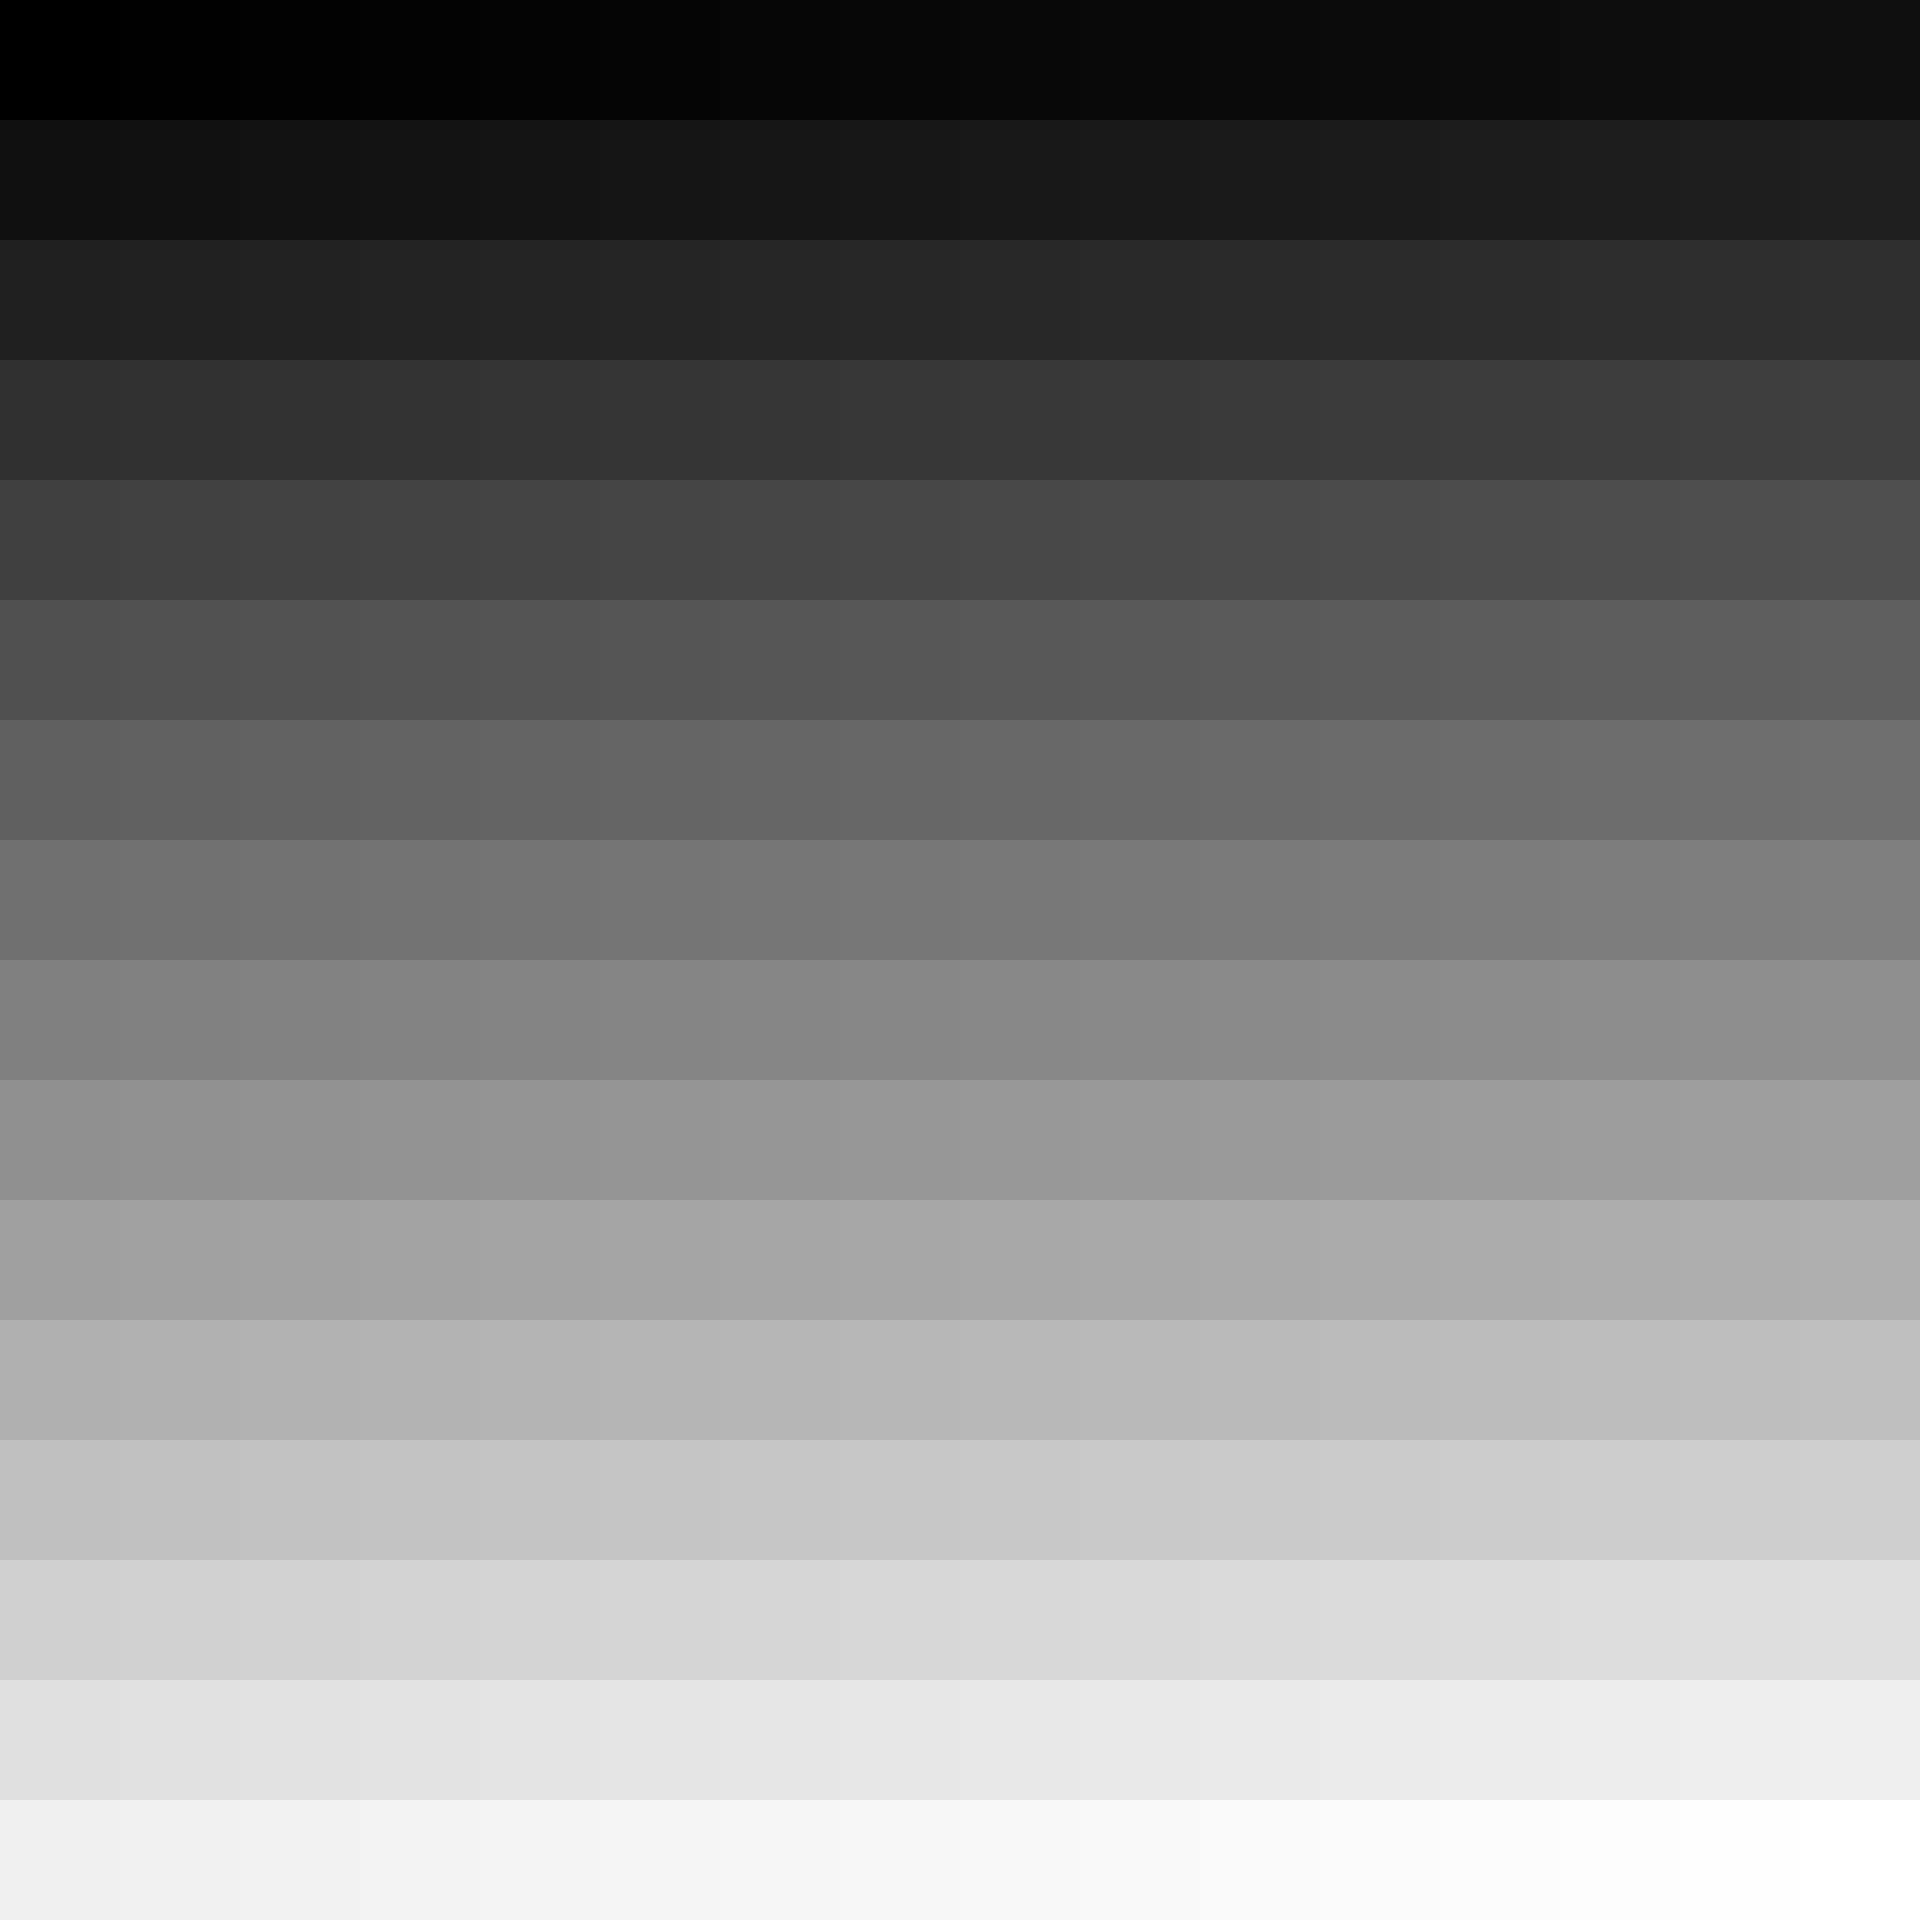 Как сделать фото серым цветом